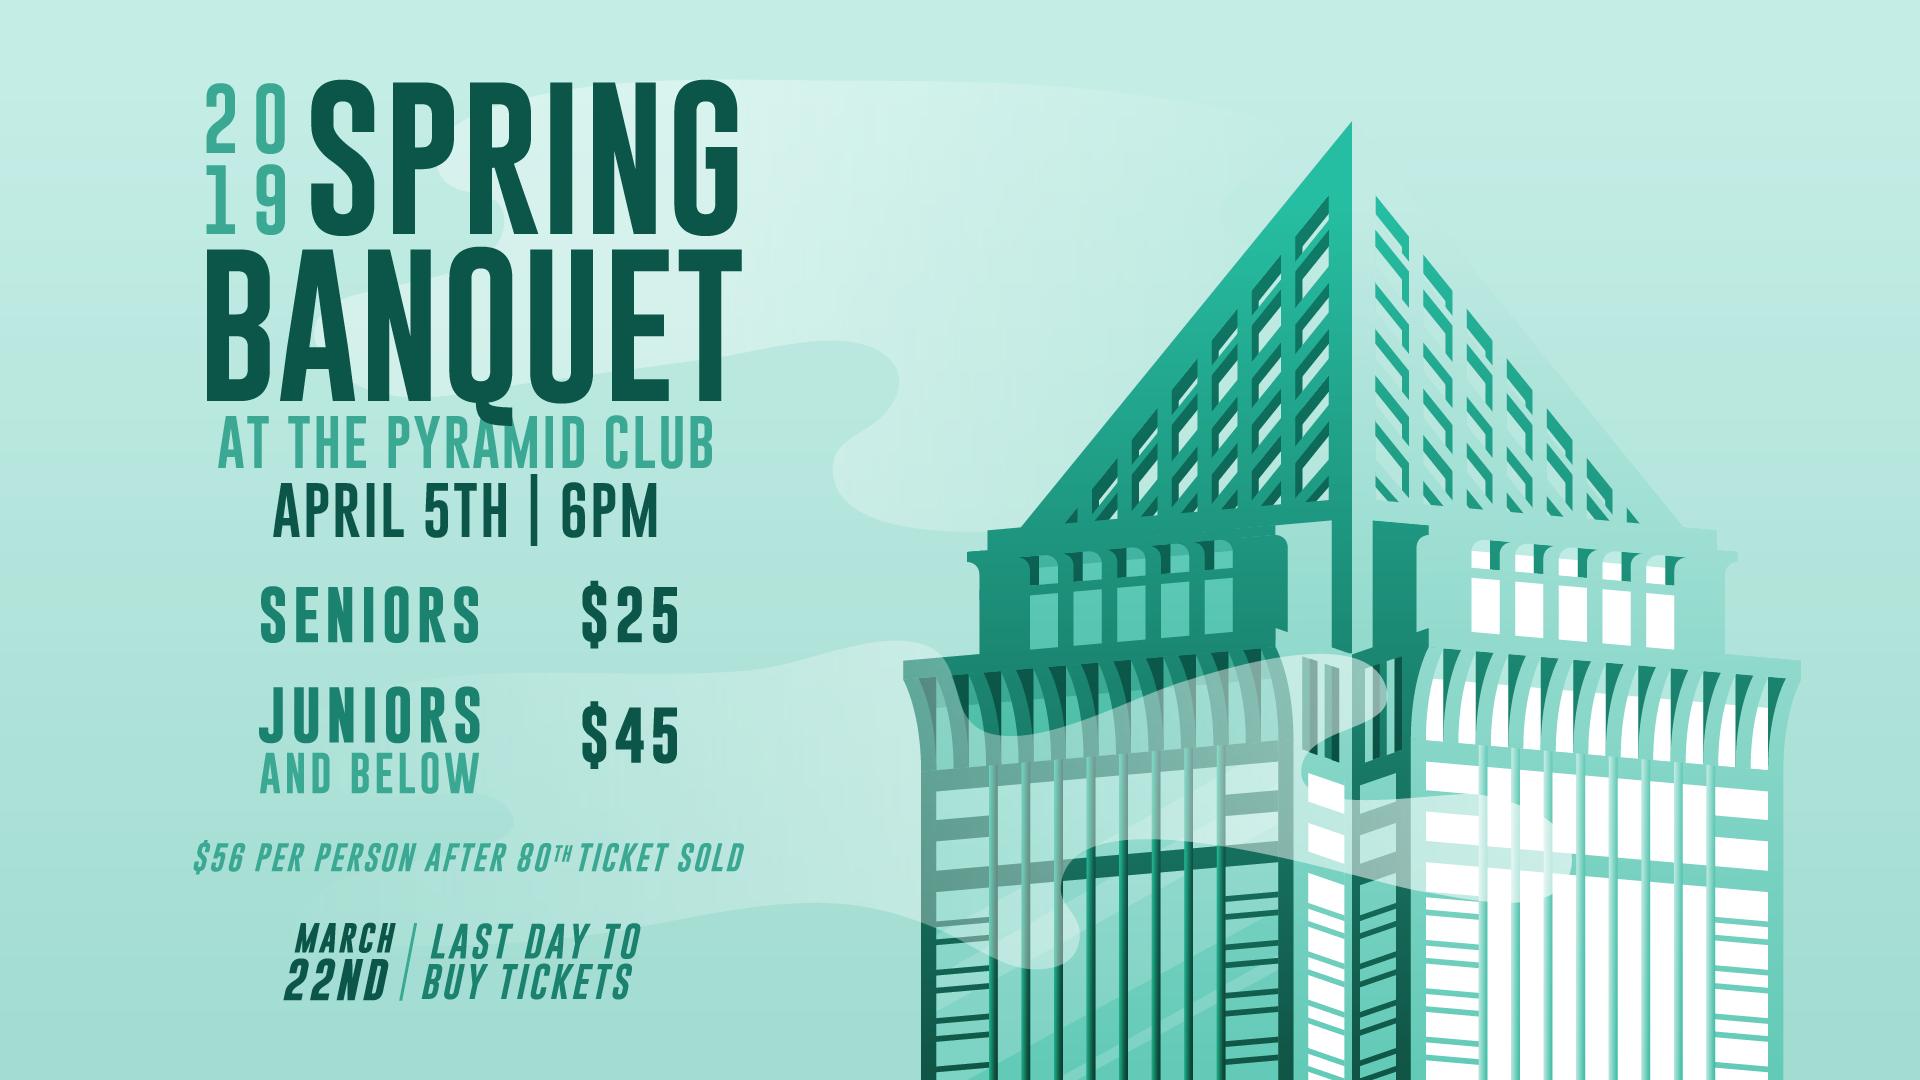 Spring Banquet_Visix.png